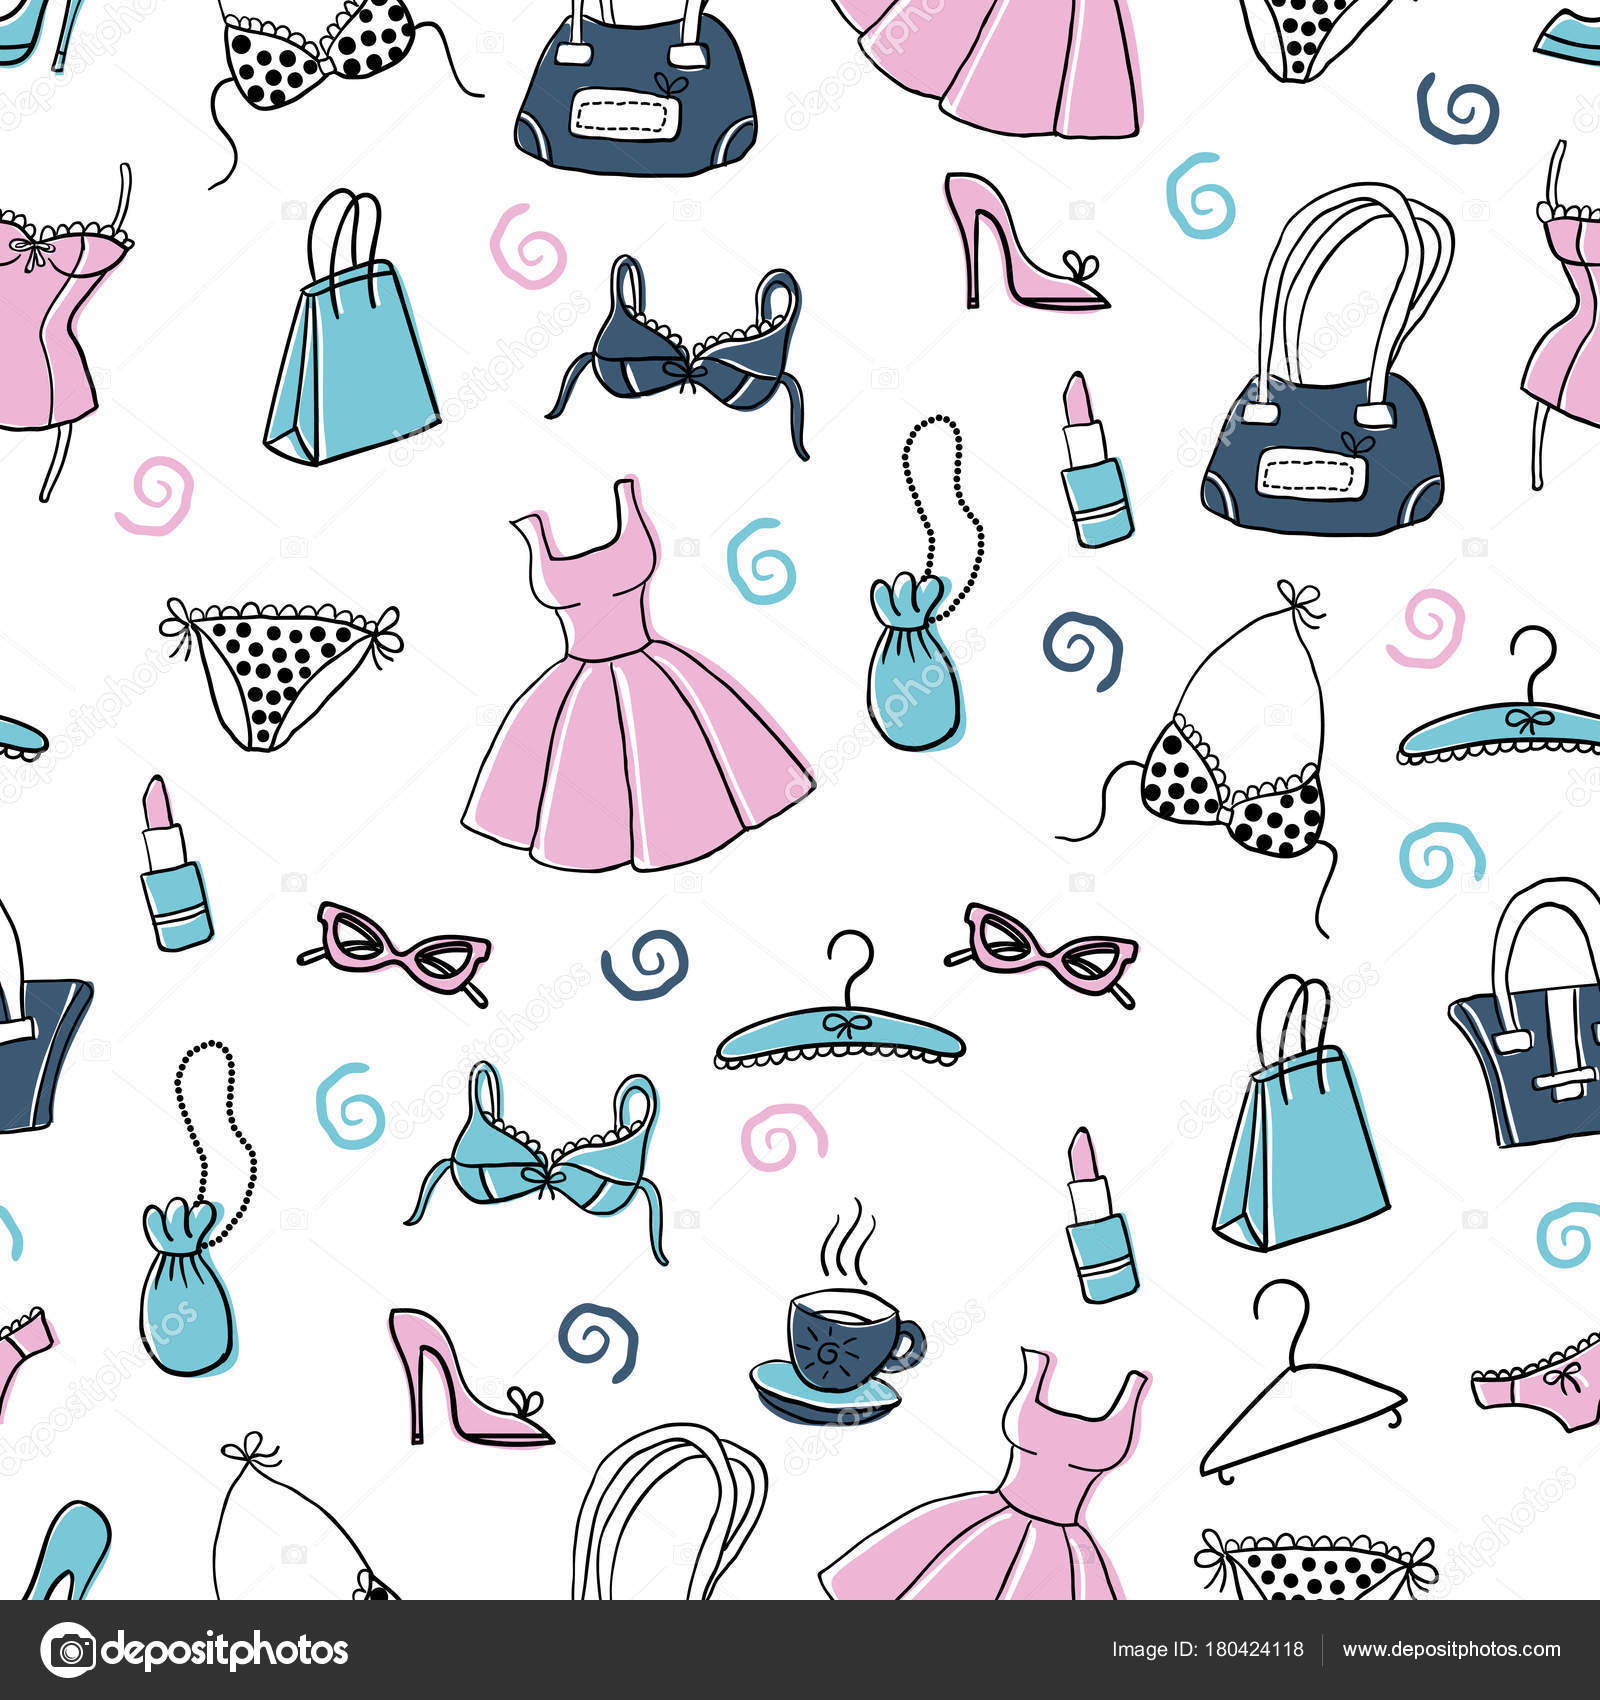 951ddc2702 Las mujeres ropa y accesorios